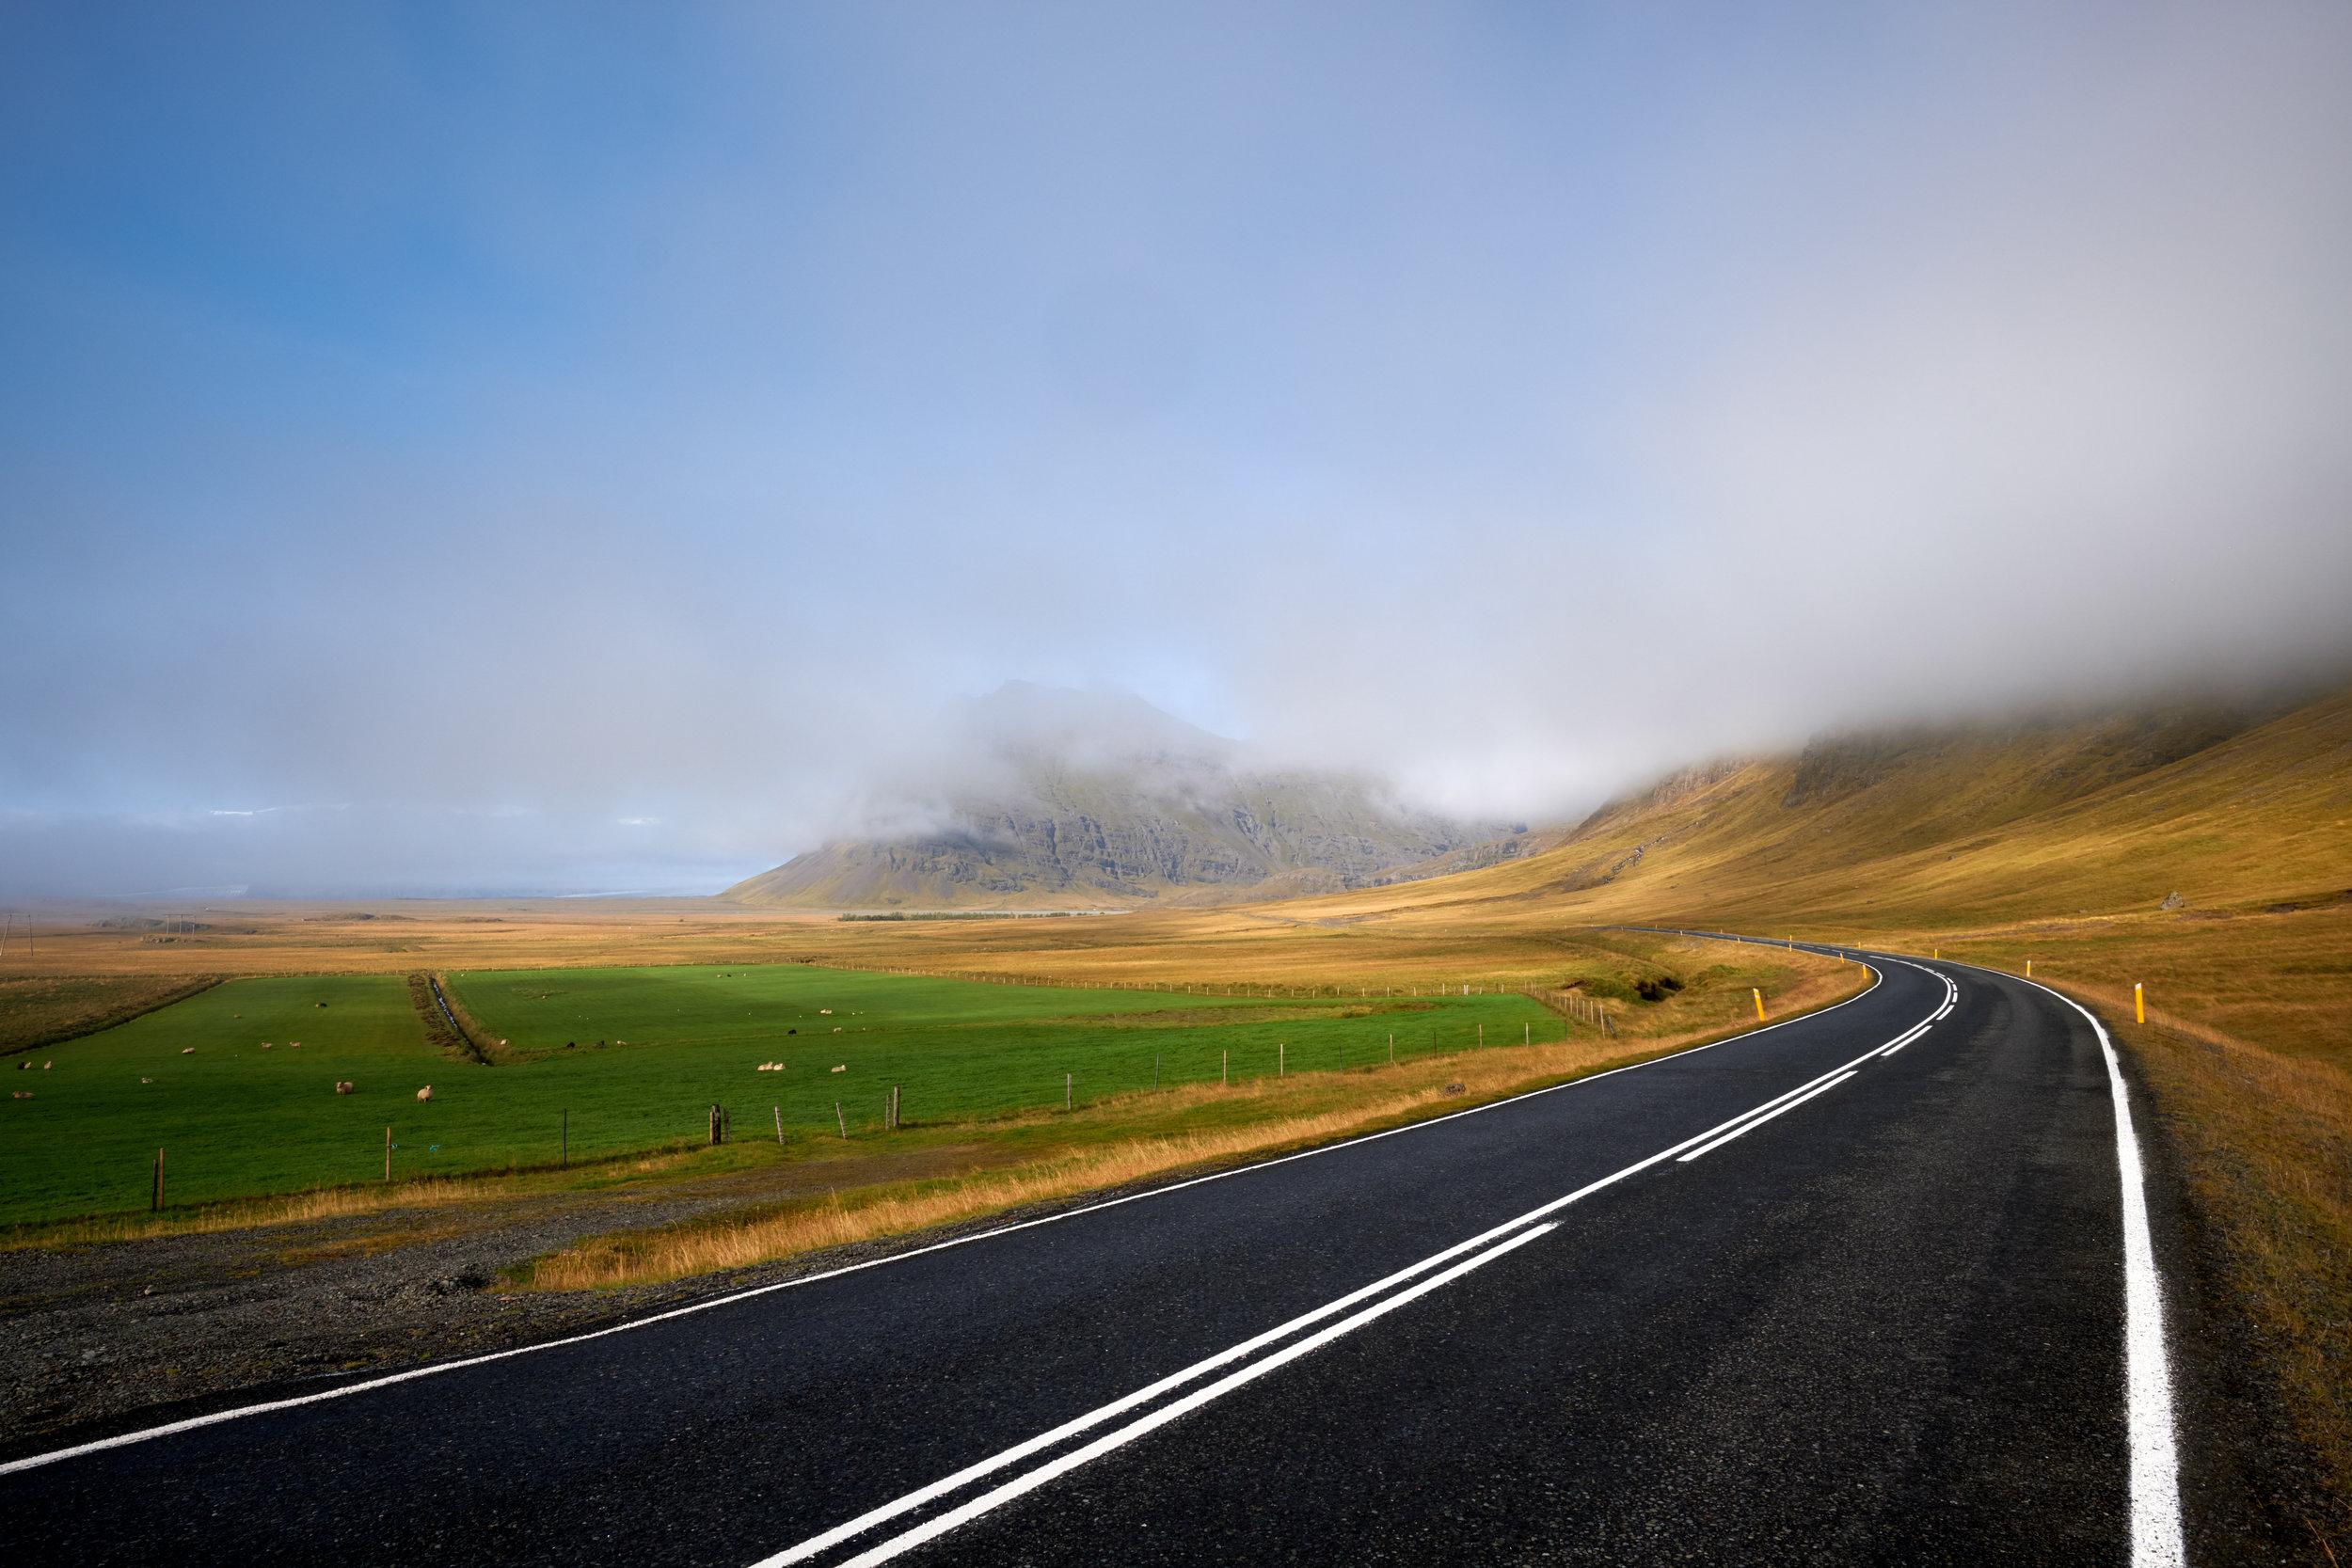 Highway 1,  Iceland , Fujifilm X-H1, XF 14mm f/2.8 R @ f/11